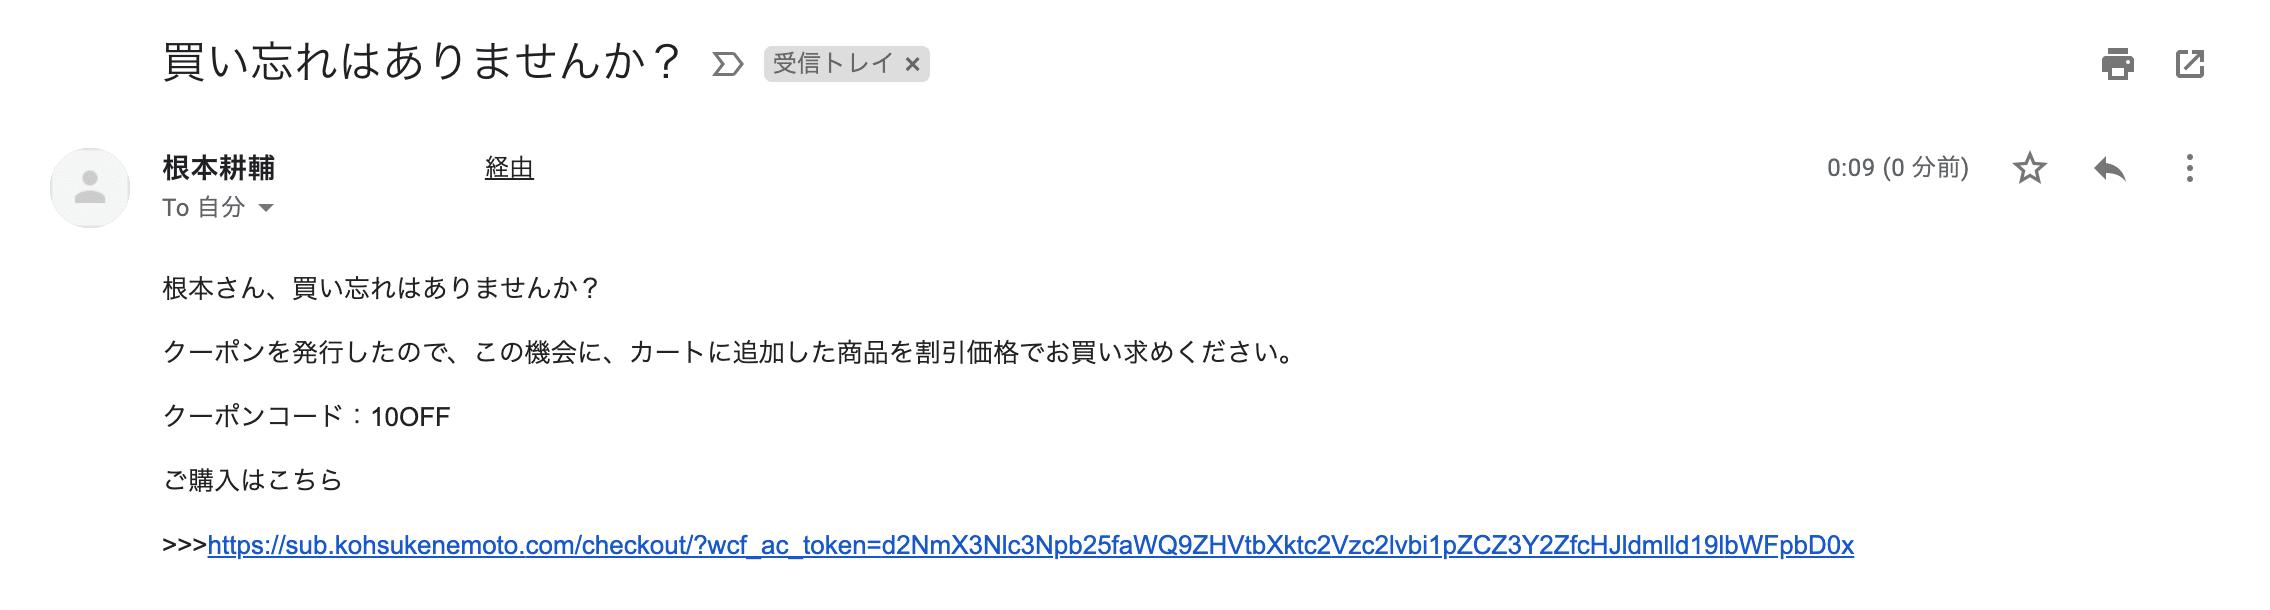 Cart Abandonmentのテストメール